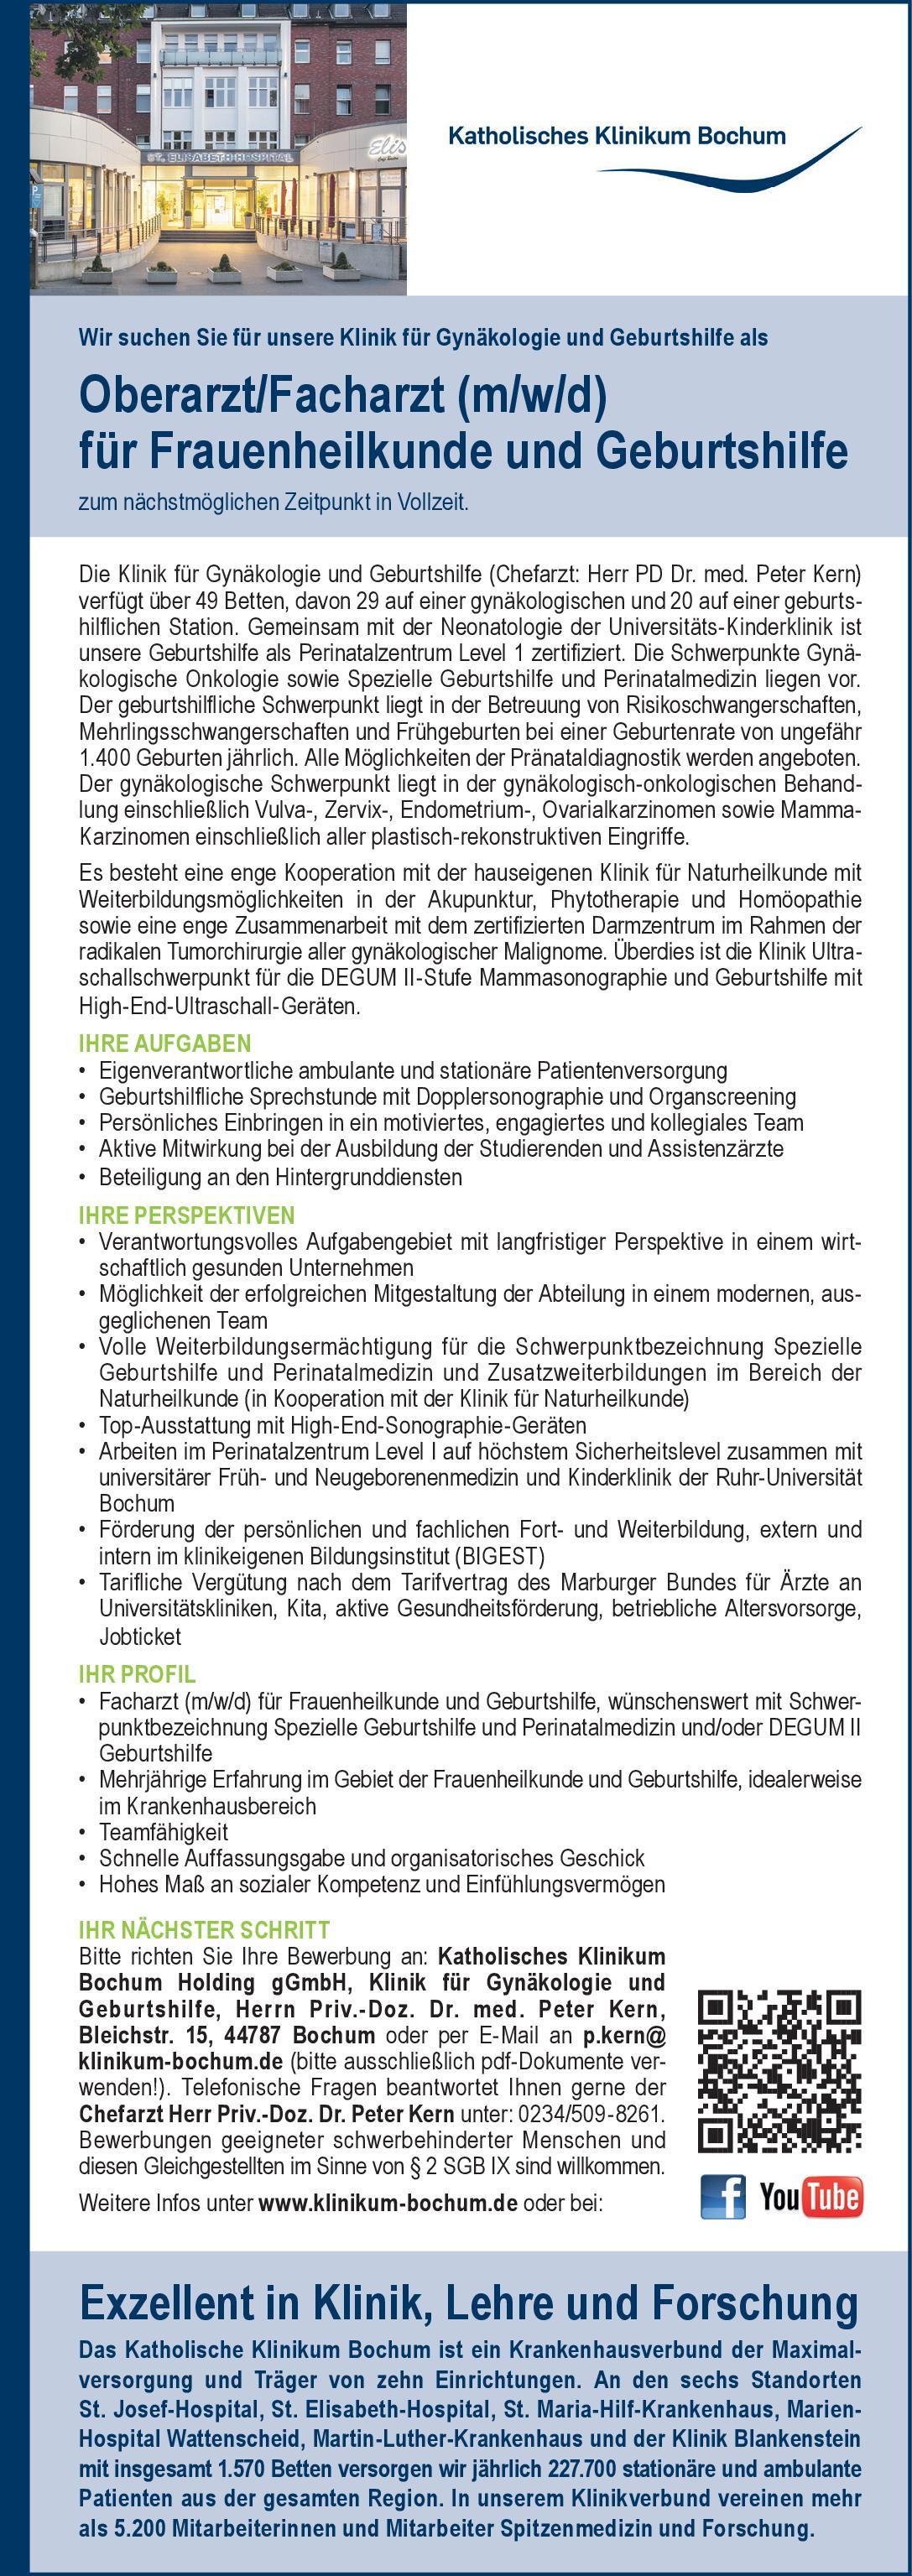 Katholisches Klinikum Bochum Oberarzt/Facharzt (m/w/d) für Frauenheilkunde und Geburtshilfe  Frauenheilkunde und Geburtshilfe, Frauenheilkunde und Geburtshilfe Arzt / Facharzt, Oberarzt